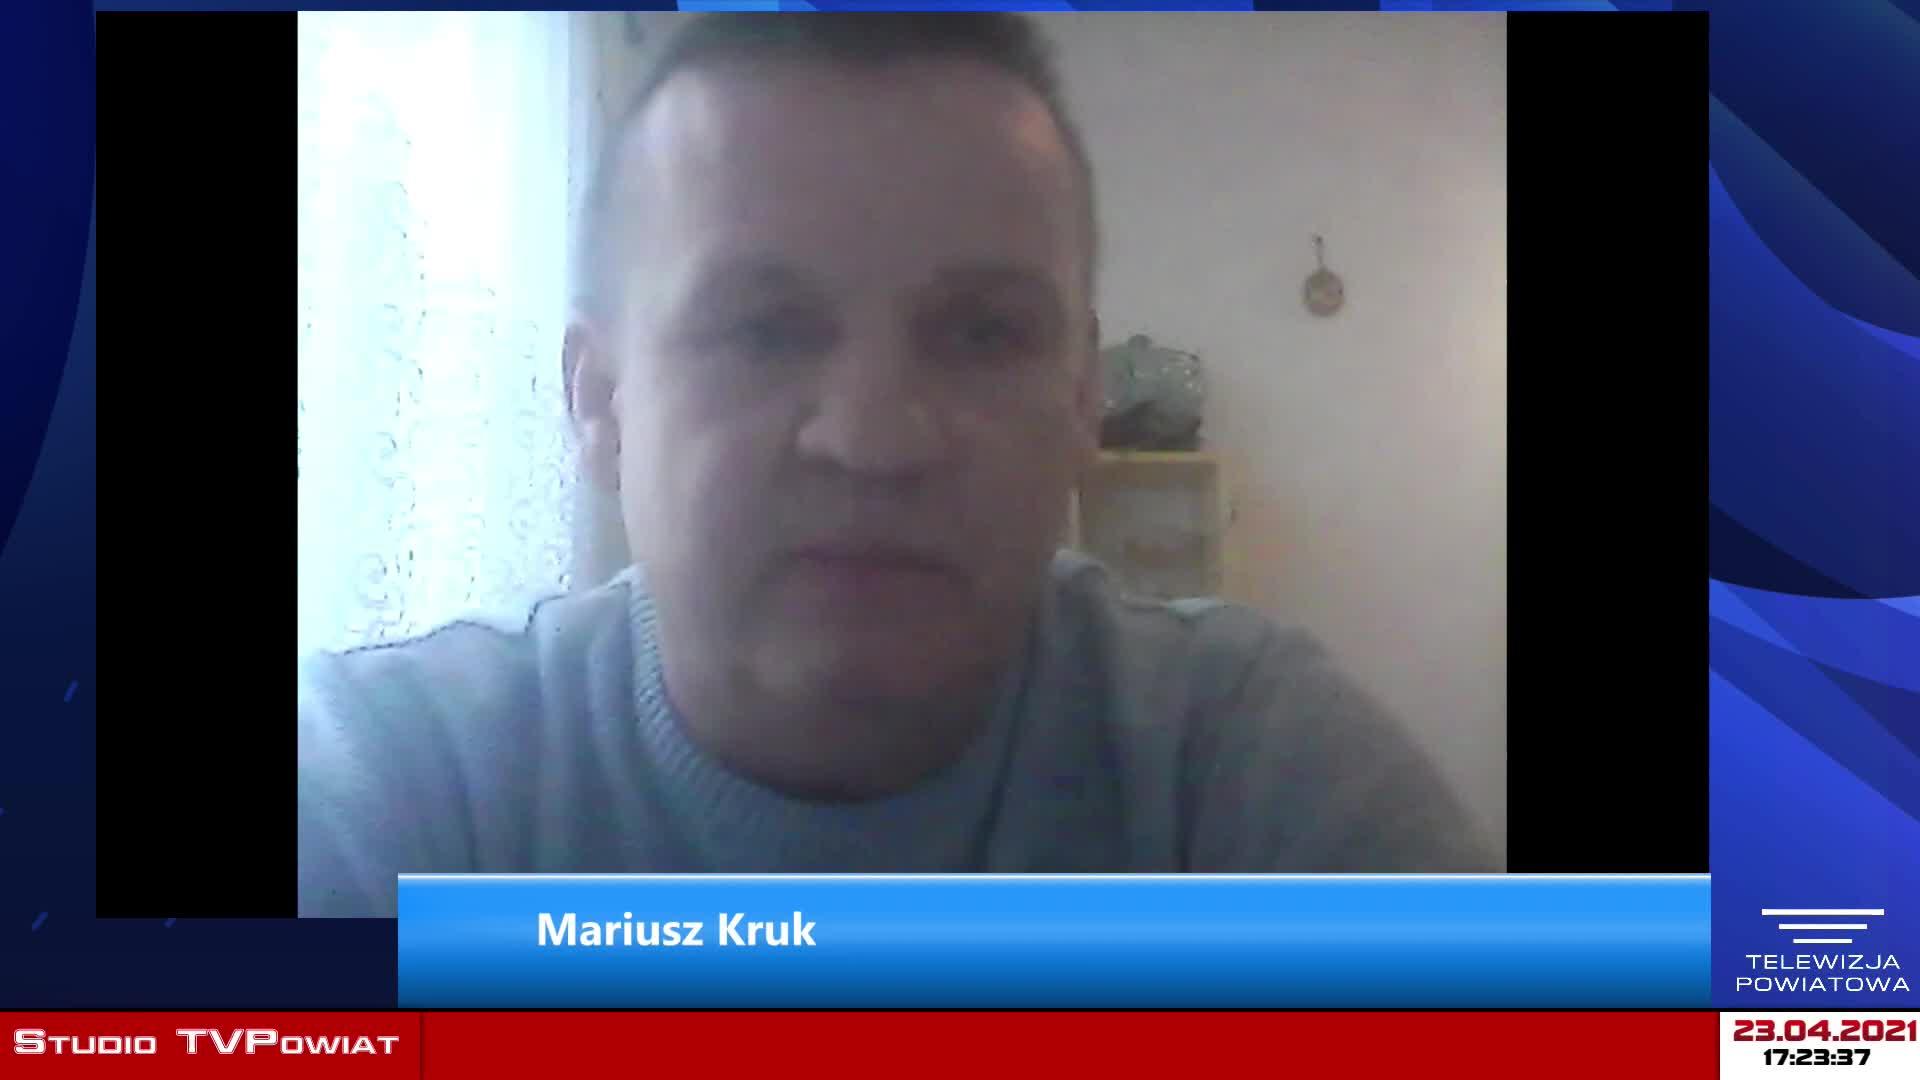 Czas dla Mieszkańca - Justyna Kosyl, Mariusz Kruk / Gmina Kotuń